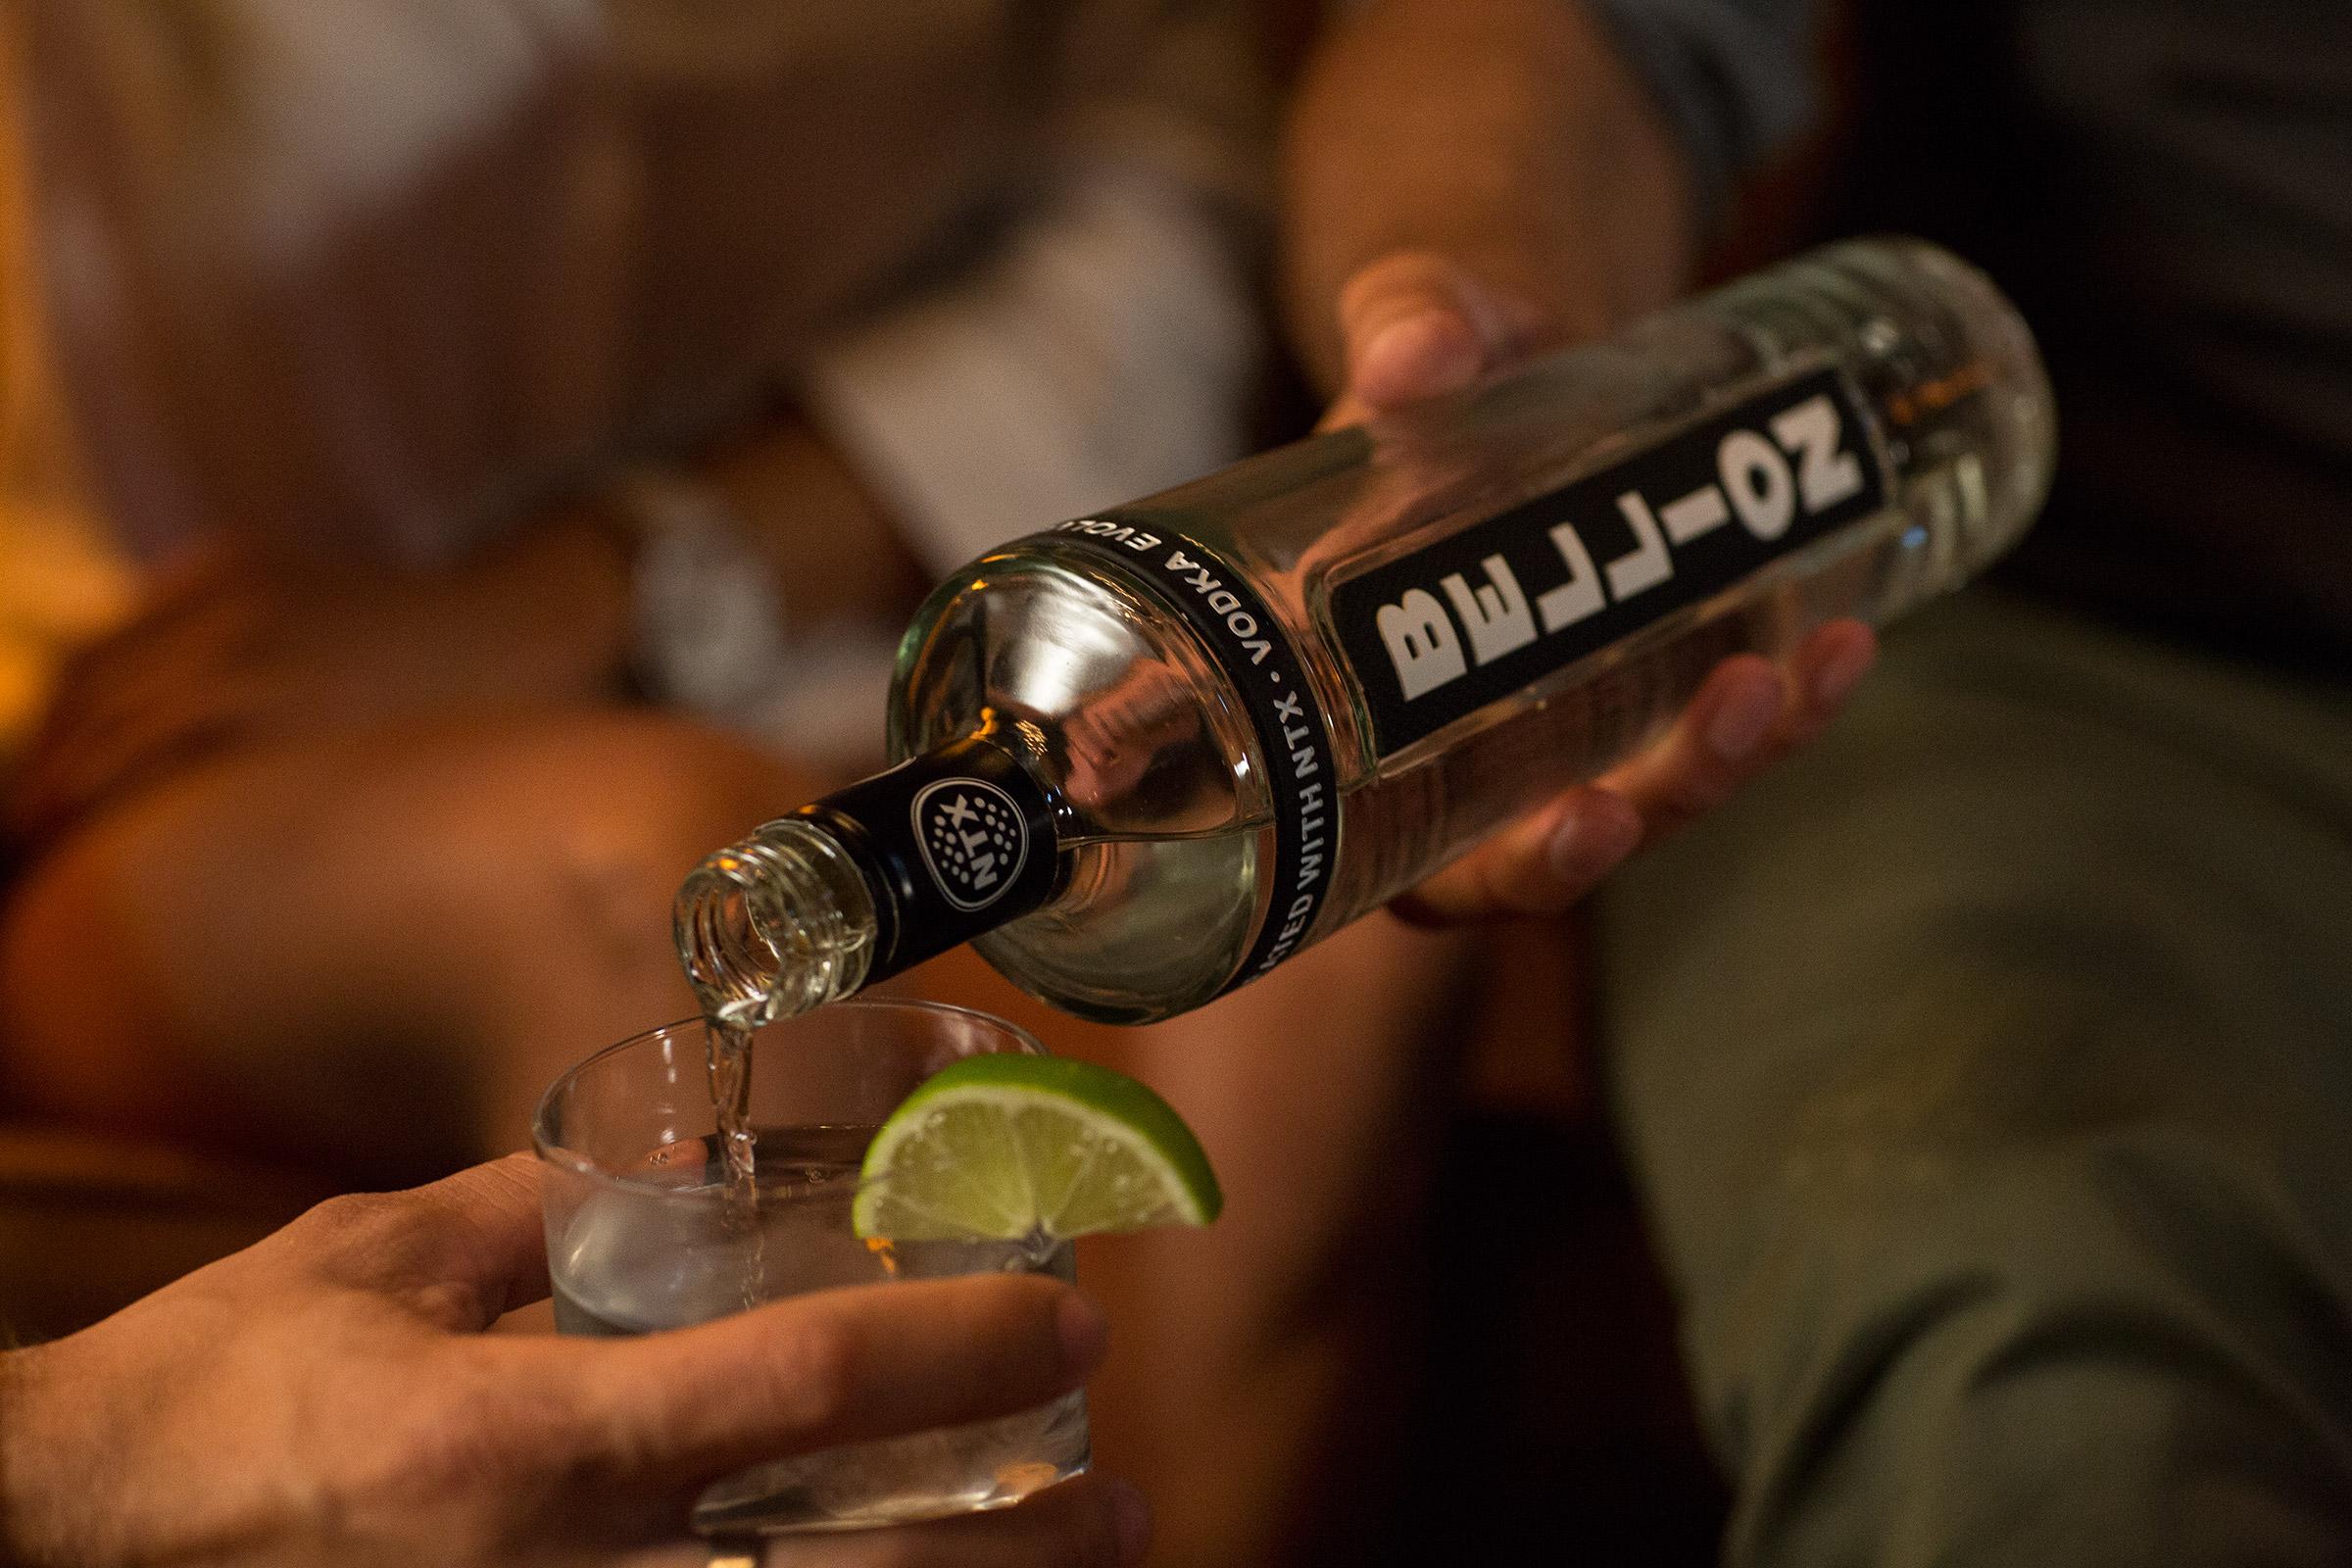 Bellion_bottle.jpg